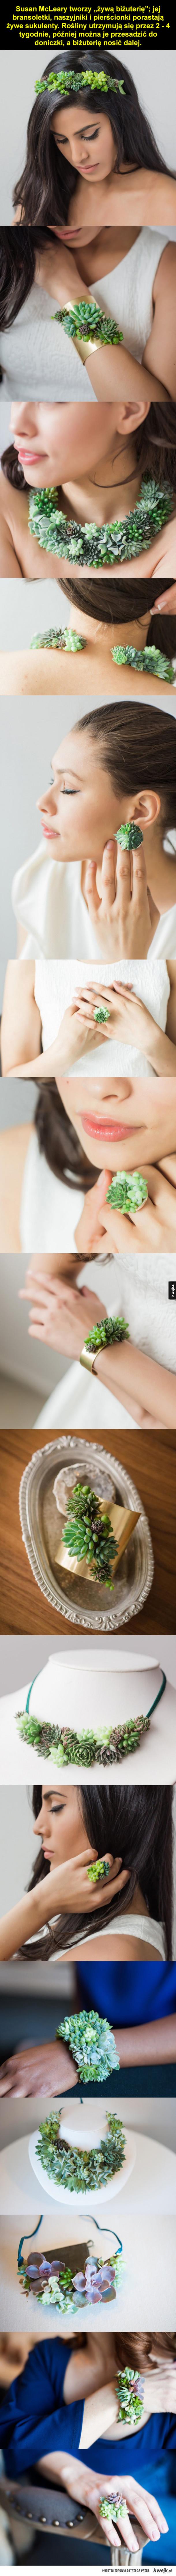 Żywa biżuteria